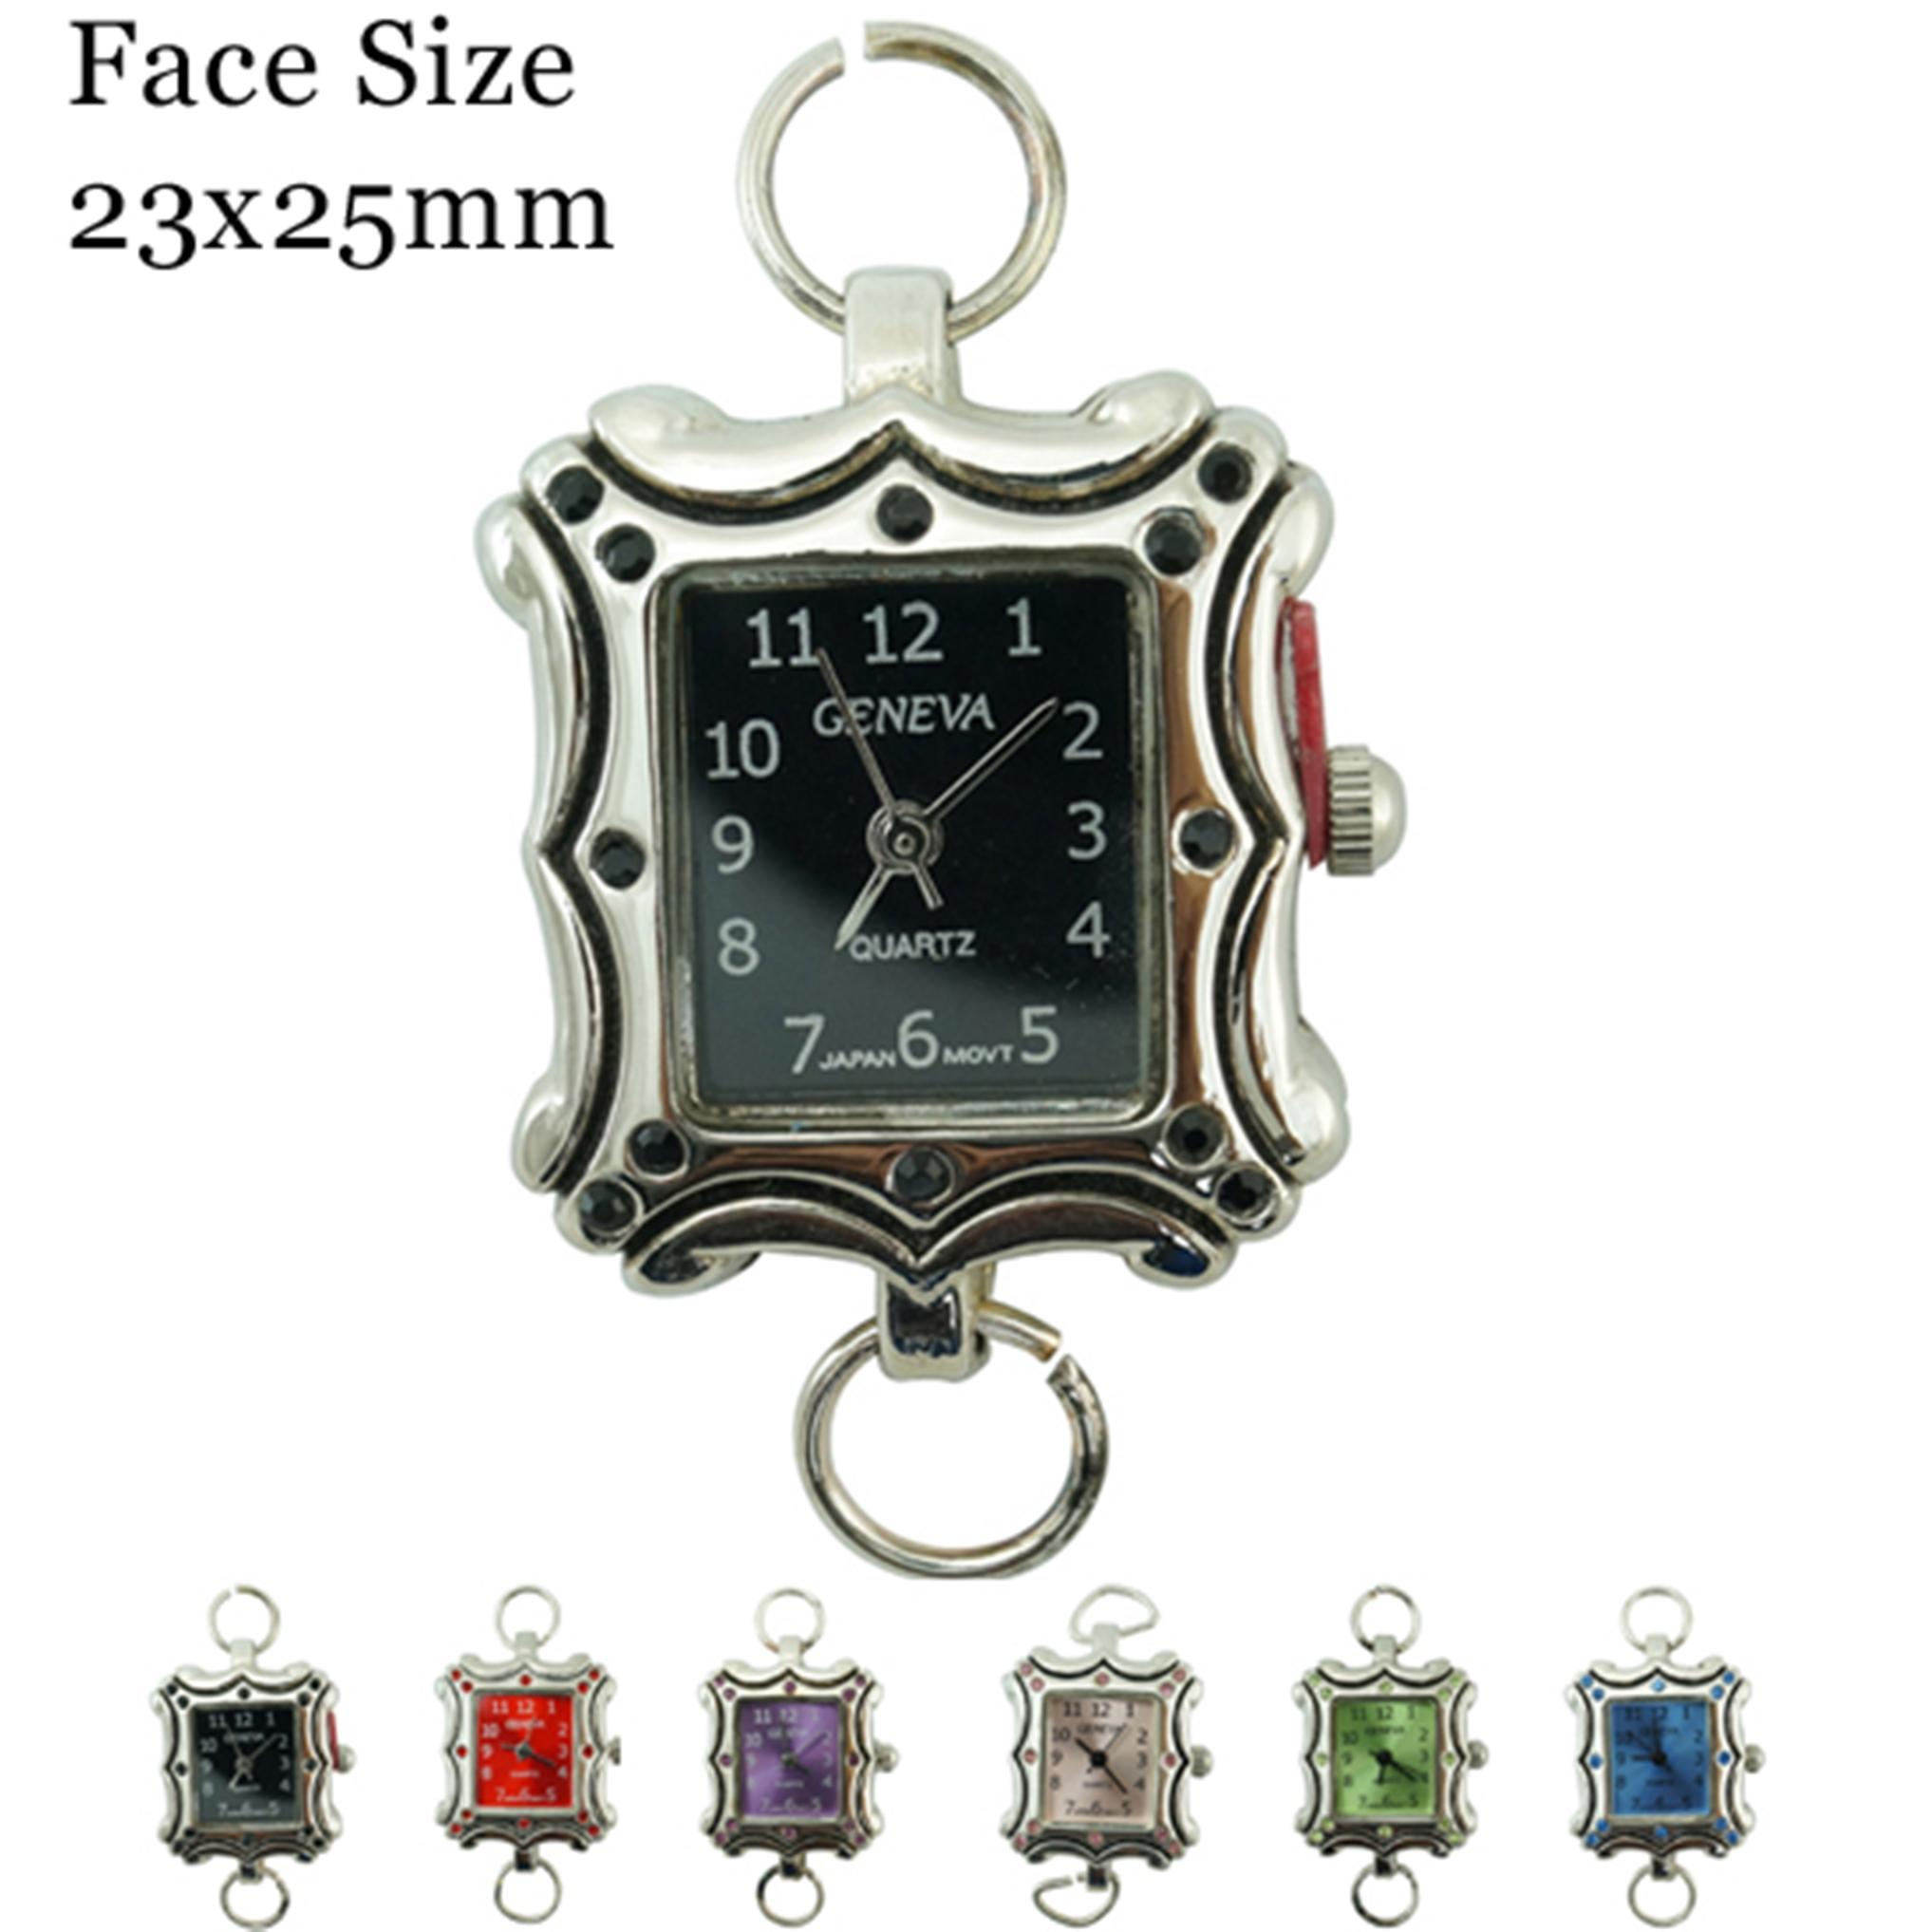 Women's CZ  Fancy 25 mm Dial Face